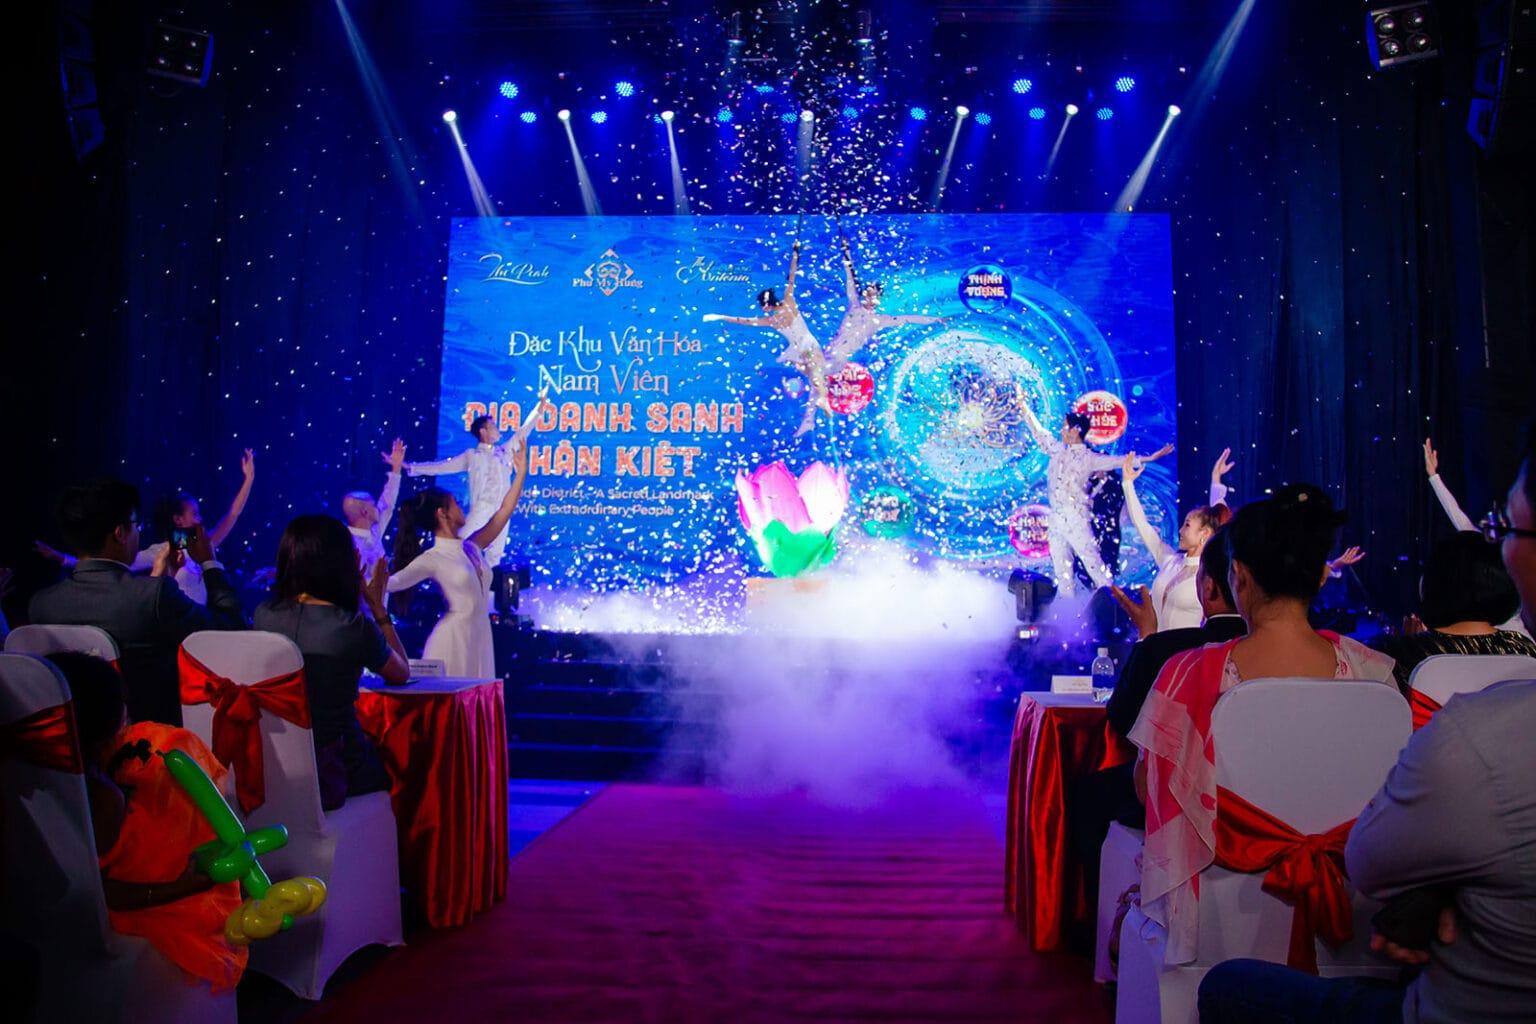 Trong đó, nổi bật là sự kiện Nam Viên – Địa danh sanh nhân kiệt phần 2 vừa được tổ chức vào cuối tháng 10 vừa qua. Trước đó, phần 1 của sự kiện cũng đã thu hút gần 700 khách hàng.